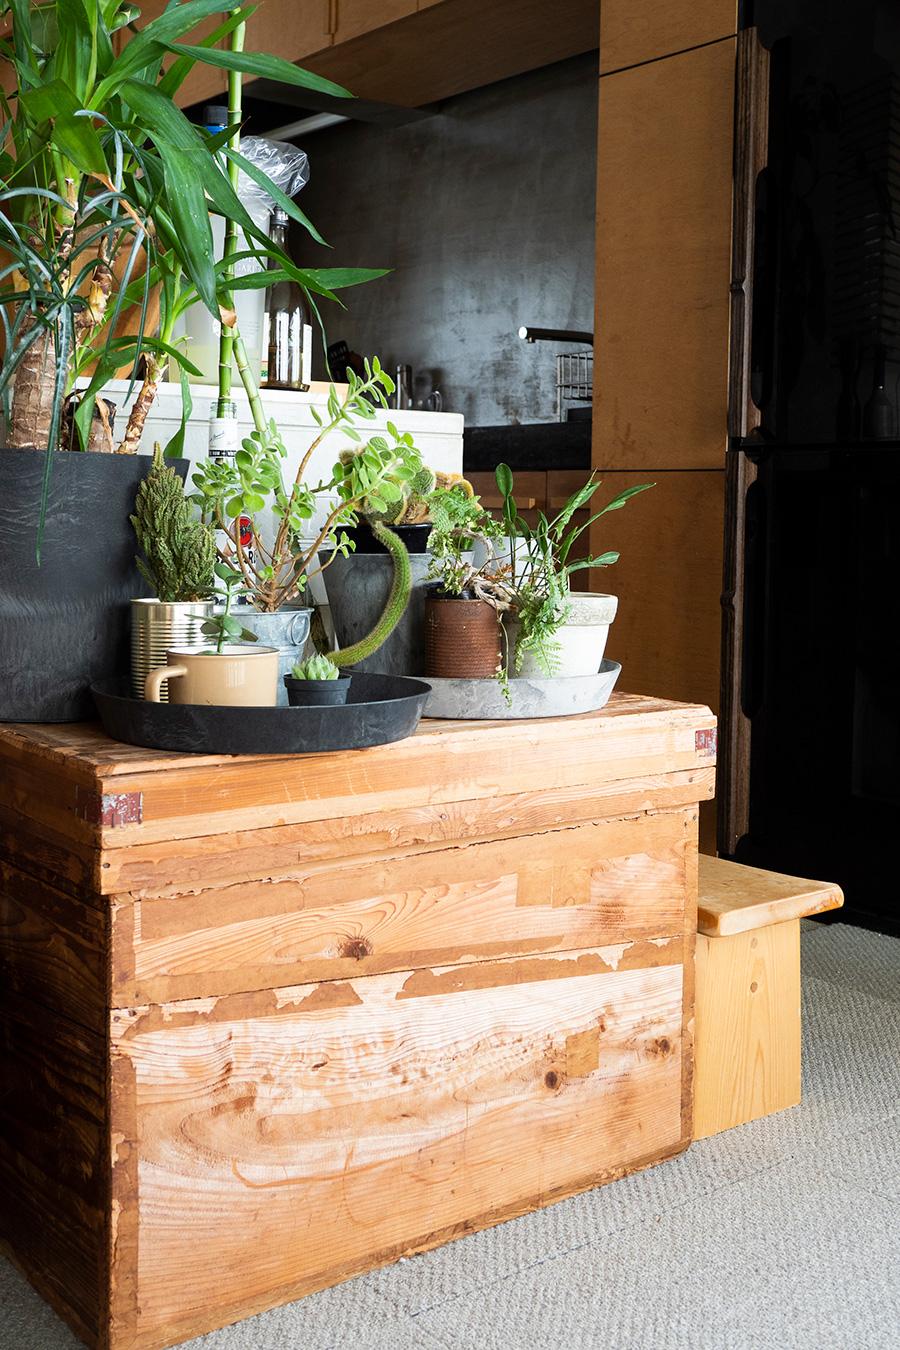 古道具屋さんで買った茶箱をグリーンの飾り棚に。「古道具が大好きなんです」。